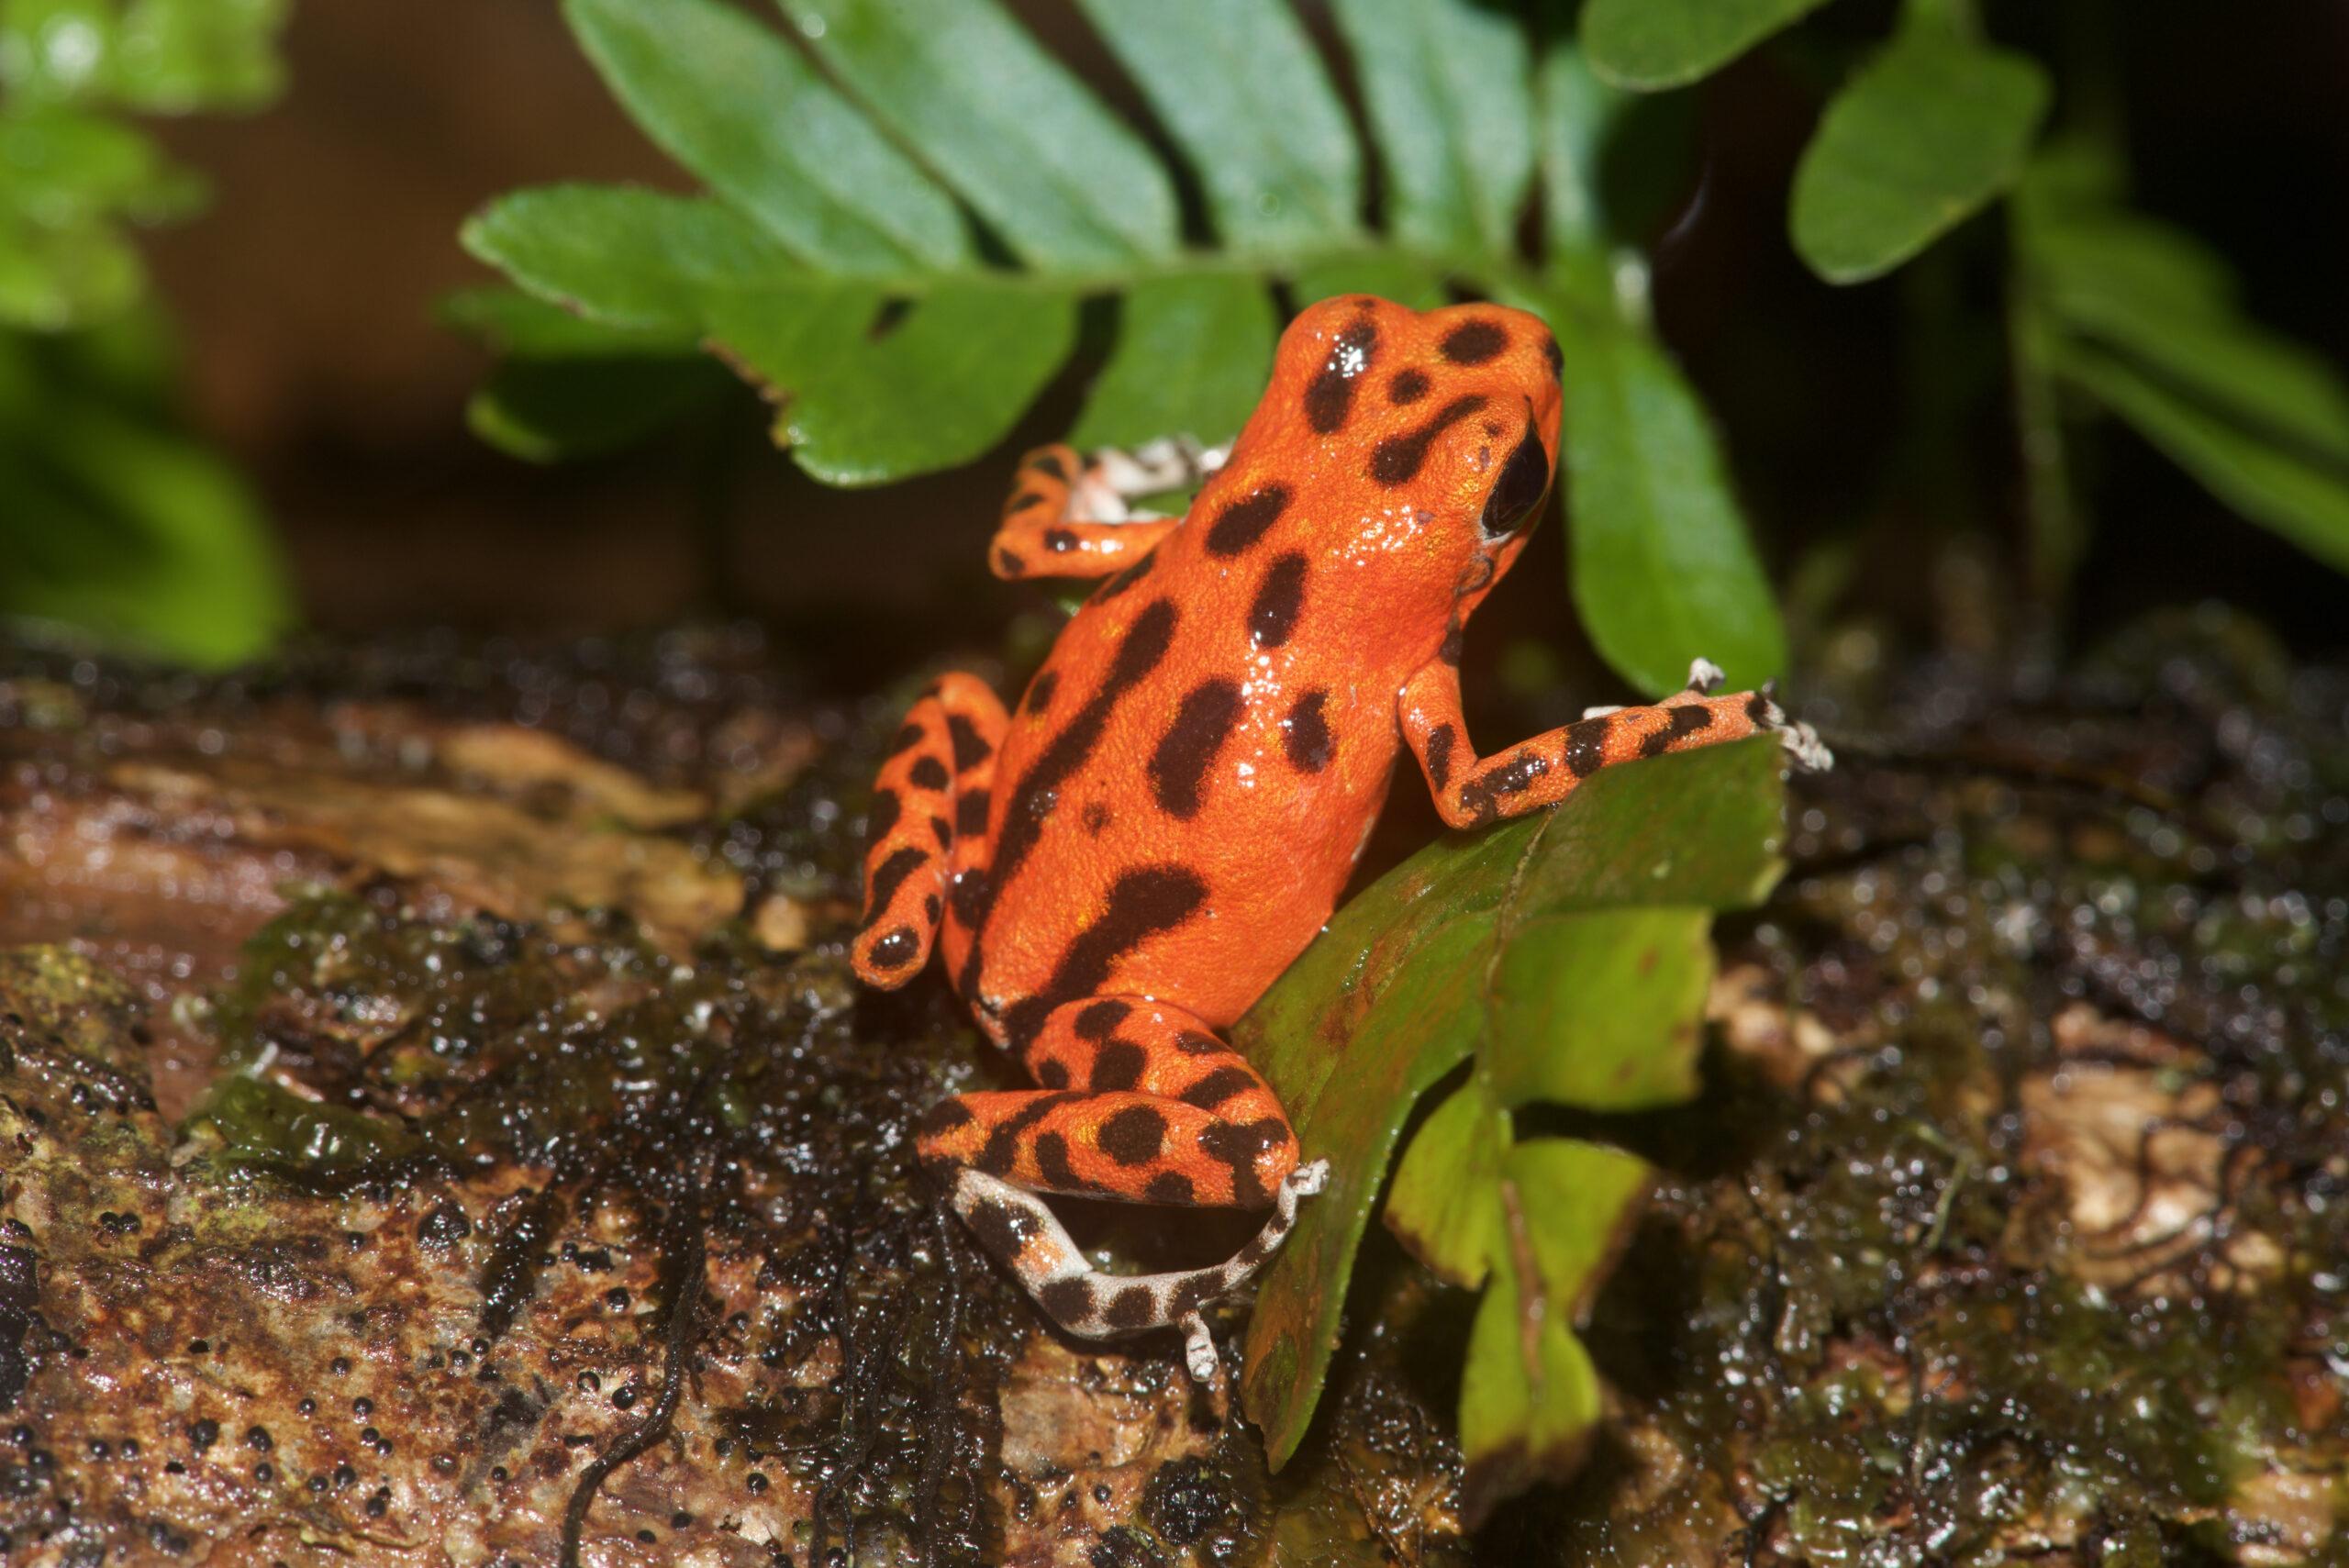 Oophaga pumilio from Isla Bastimentos, Bocas del Toro, Panama - by E. Van Heygen.